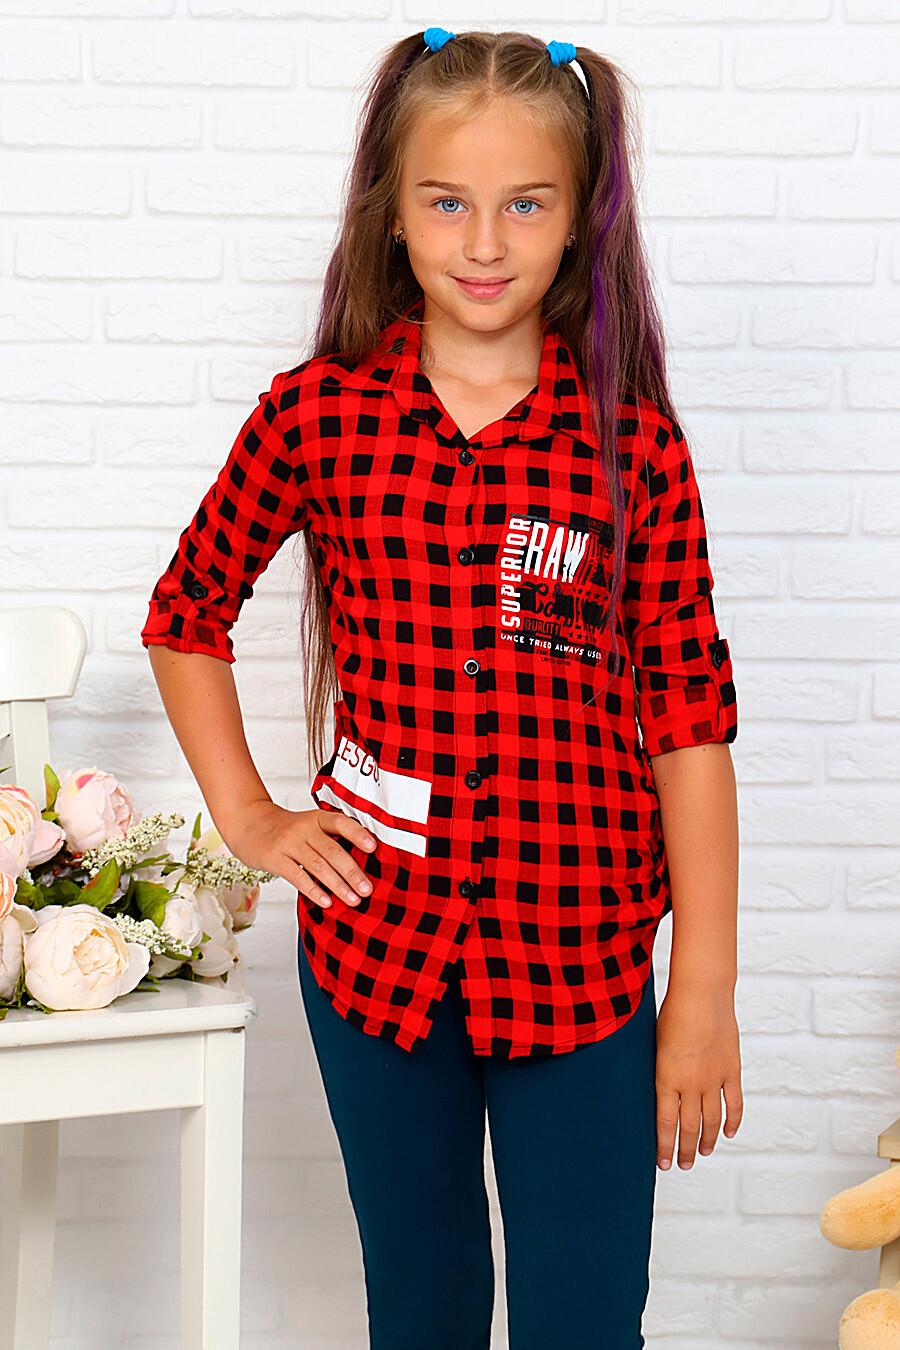 Рубашка для девочек SOFIYA37 667891 купить оптом от производителя. Совместная покупка детской одежды в OptMoyo